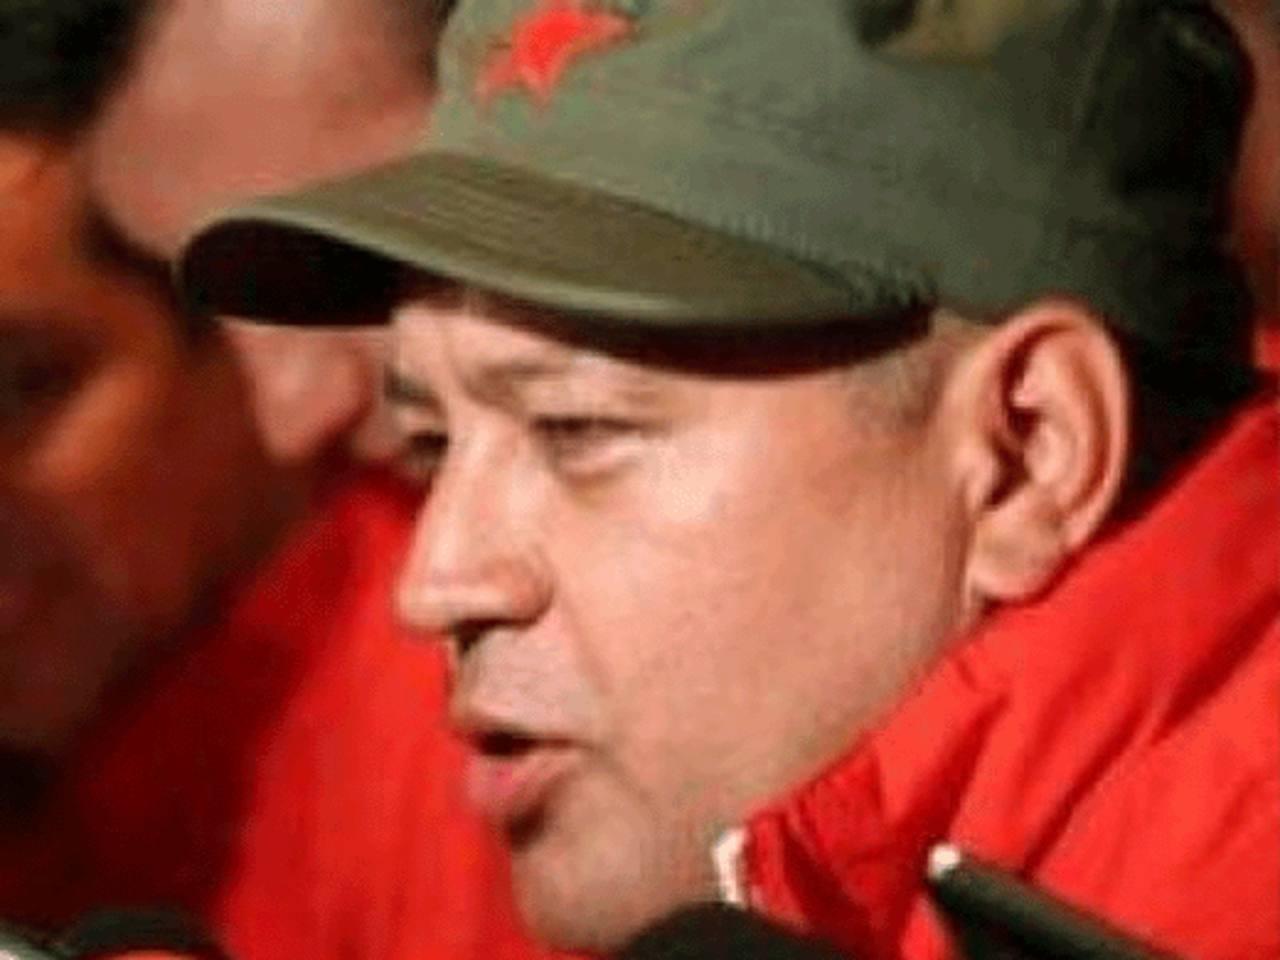 El presidente de la Asamblea Nacional, Diosdado Cabello, quien encabeza las posiciones de un grupo de militares nacionalistas. foto edh / archivo